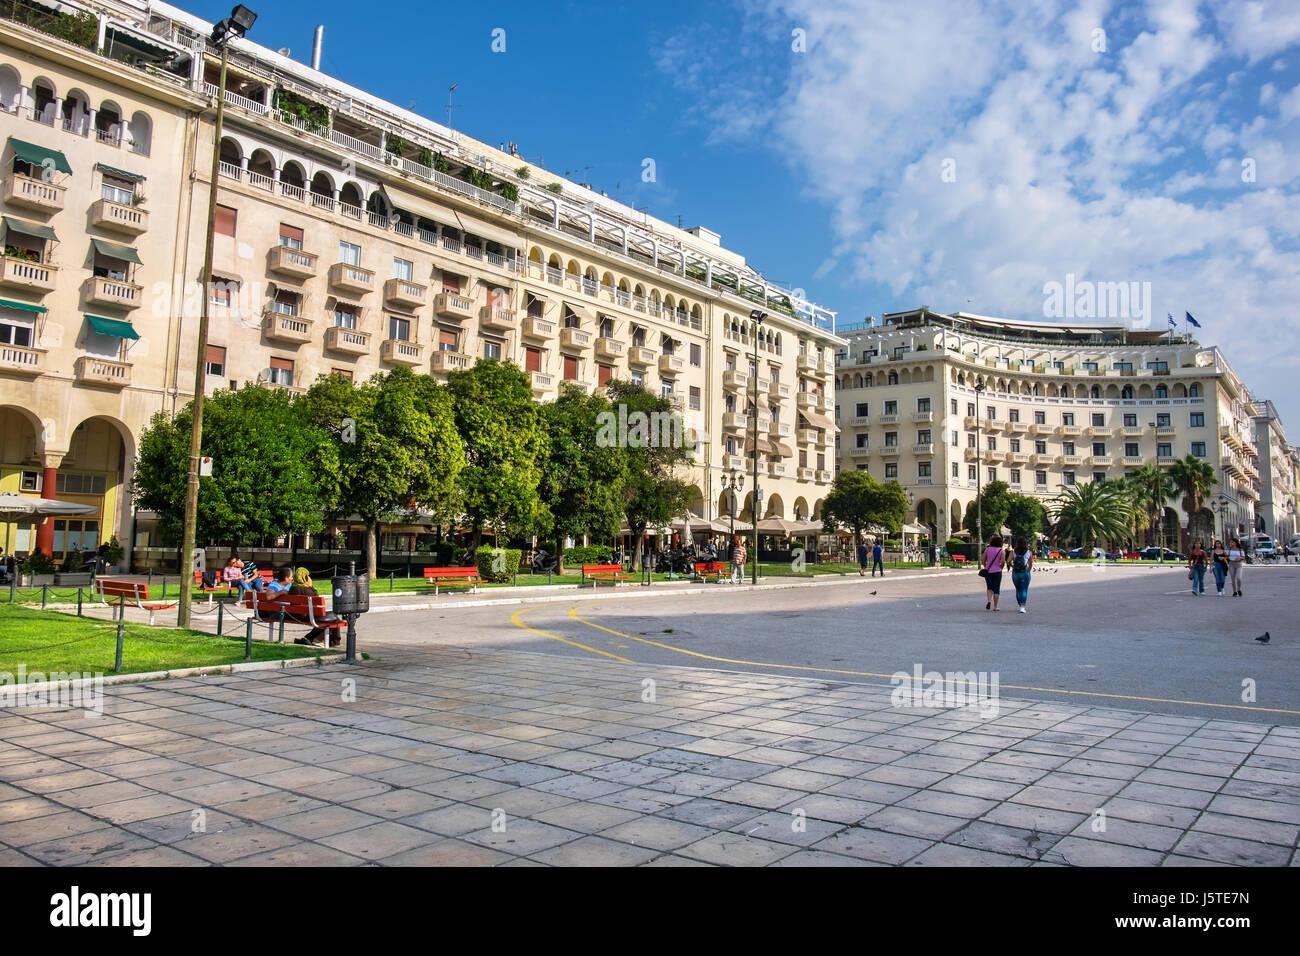 Everyday life on the Aristotelous (Aristotle) Square. Thessaloniki, Greece - Stock-Bilder